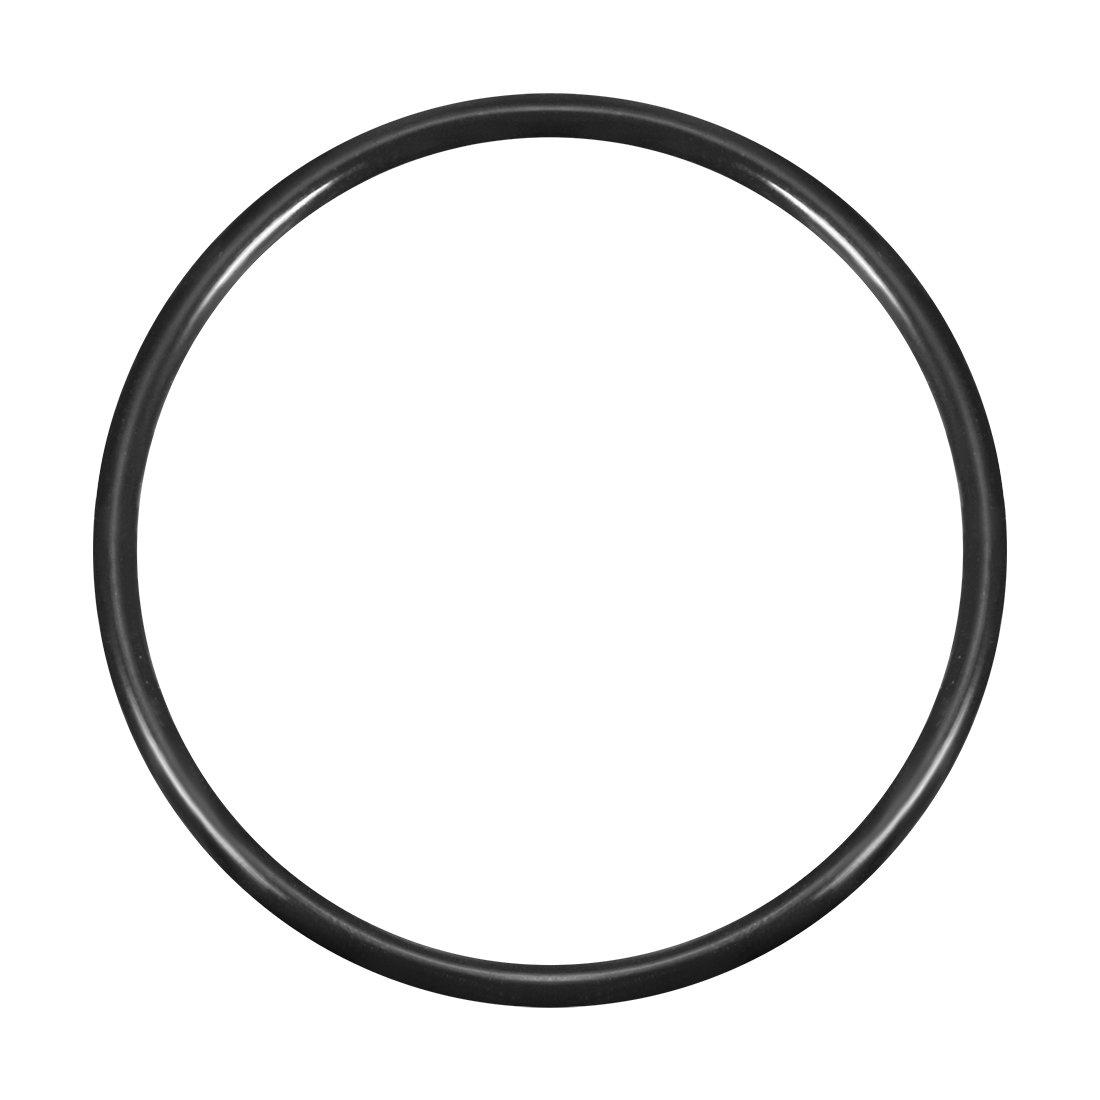 39 mm Innendurchmesser 42 mm Au/ßendurchmesser runde Dichtung Sourcing Map O-Ringe aus Nitrilkautschuk 50 St/ück 1,5 mm Breite